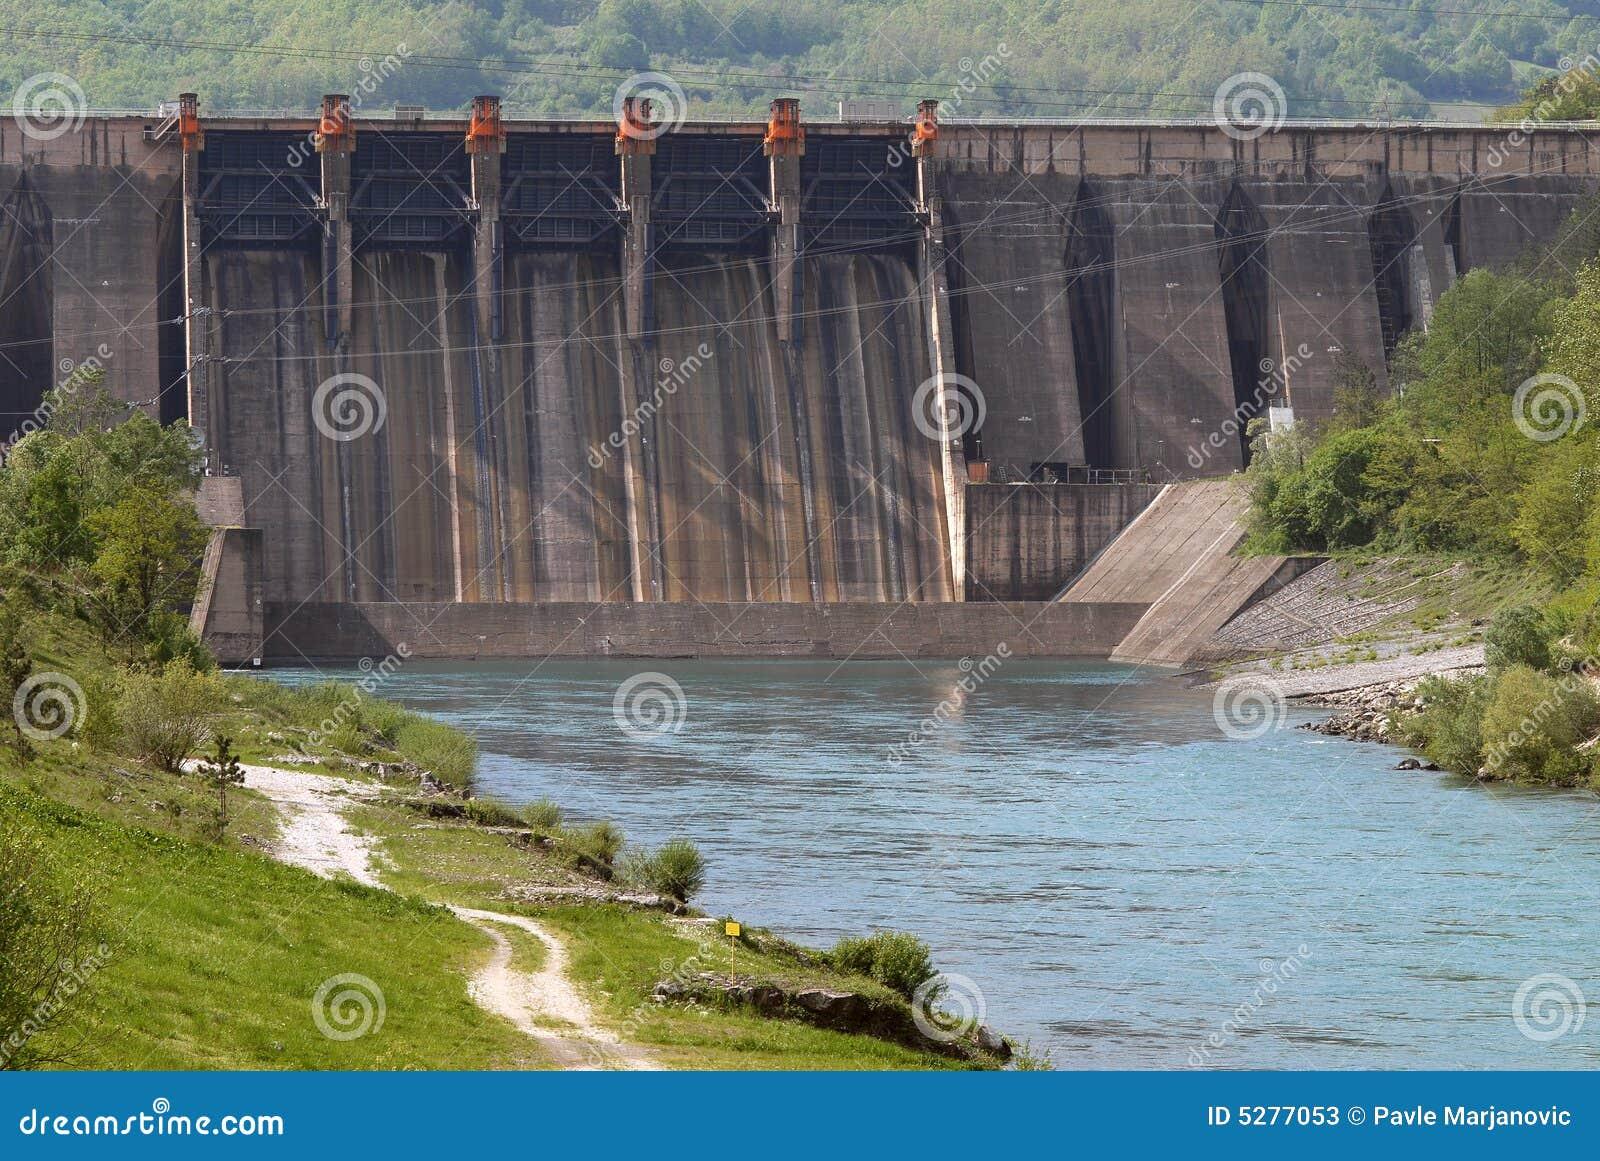 Sluit omhoog beeld van een dam van de waterbarrière